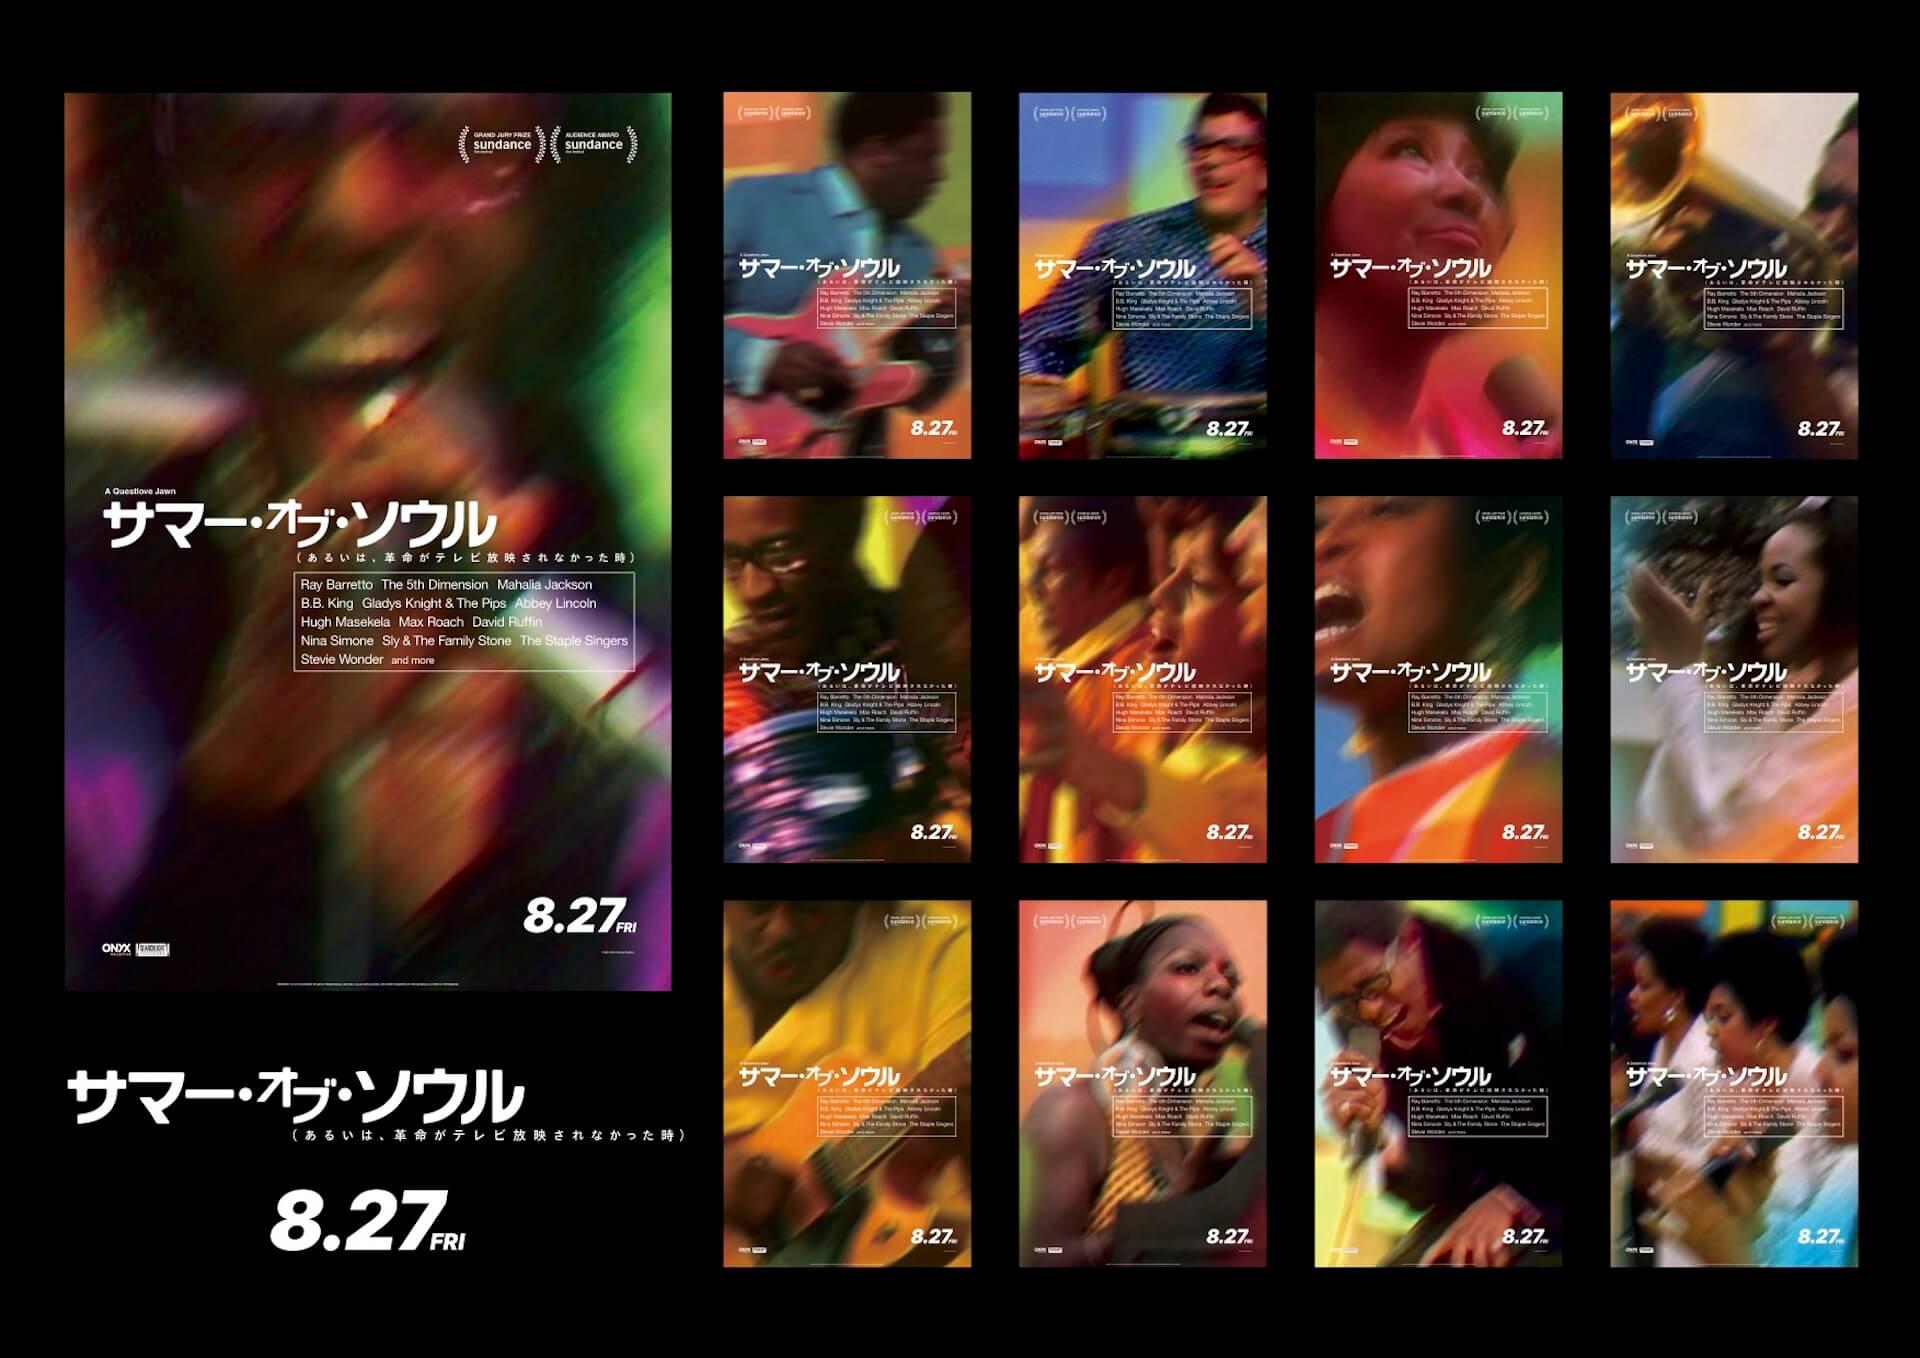 B.B.キング、グラディス・ナイト、ニーナ・シモンらのパフォーマンスシーンを切り取った『サマー・オブ・ソウル』のポスター13種類が一挙解禁! film210721_summerofsoul_14